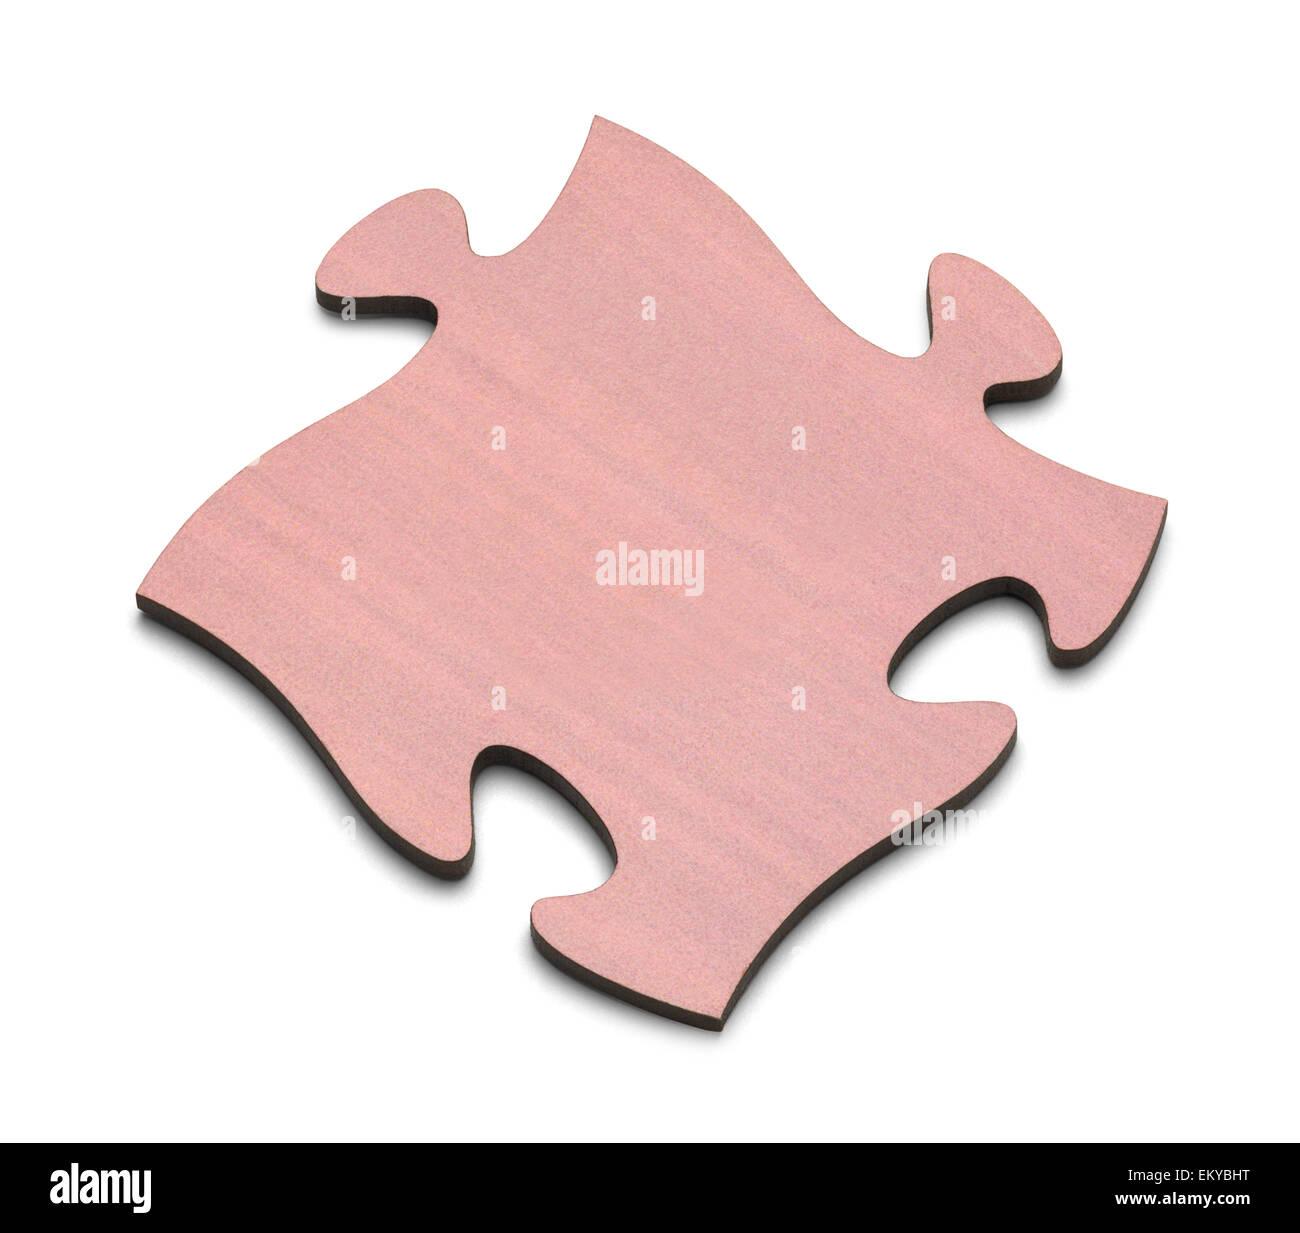 Single Puzzle Piece Isolated on White Background. - Stock Image